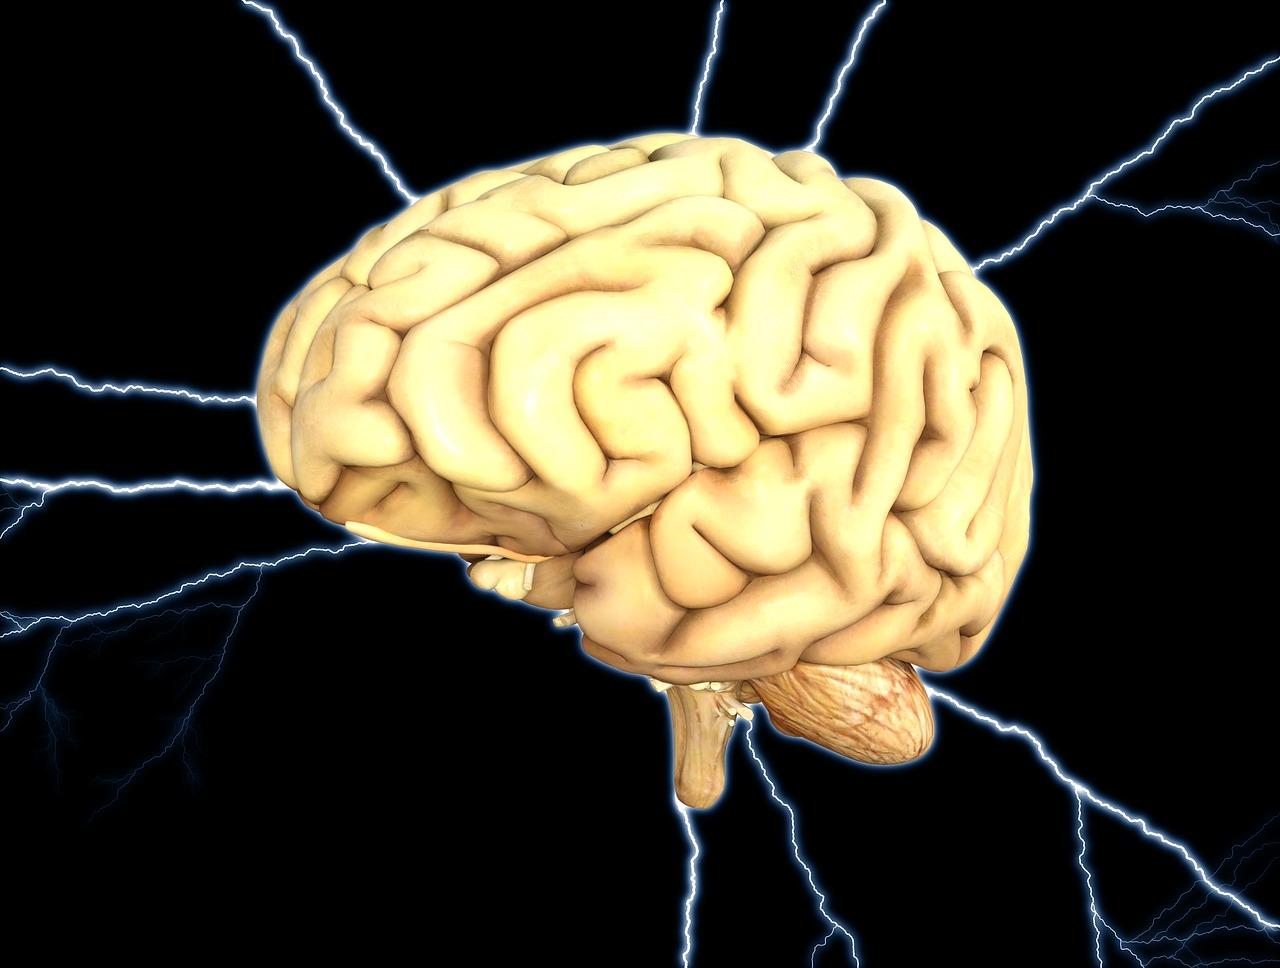 L'image d'un cerveau